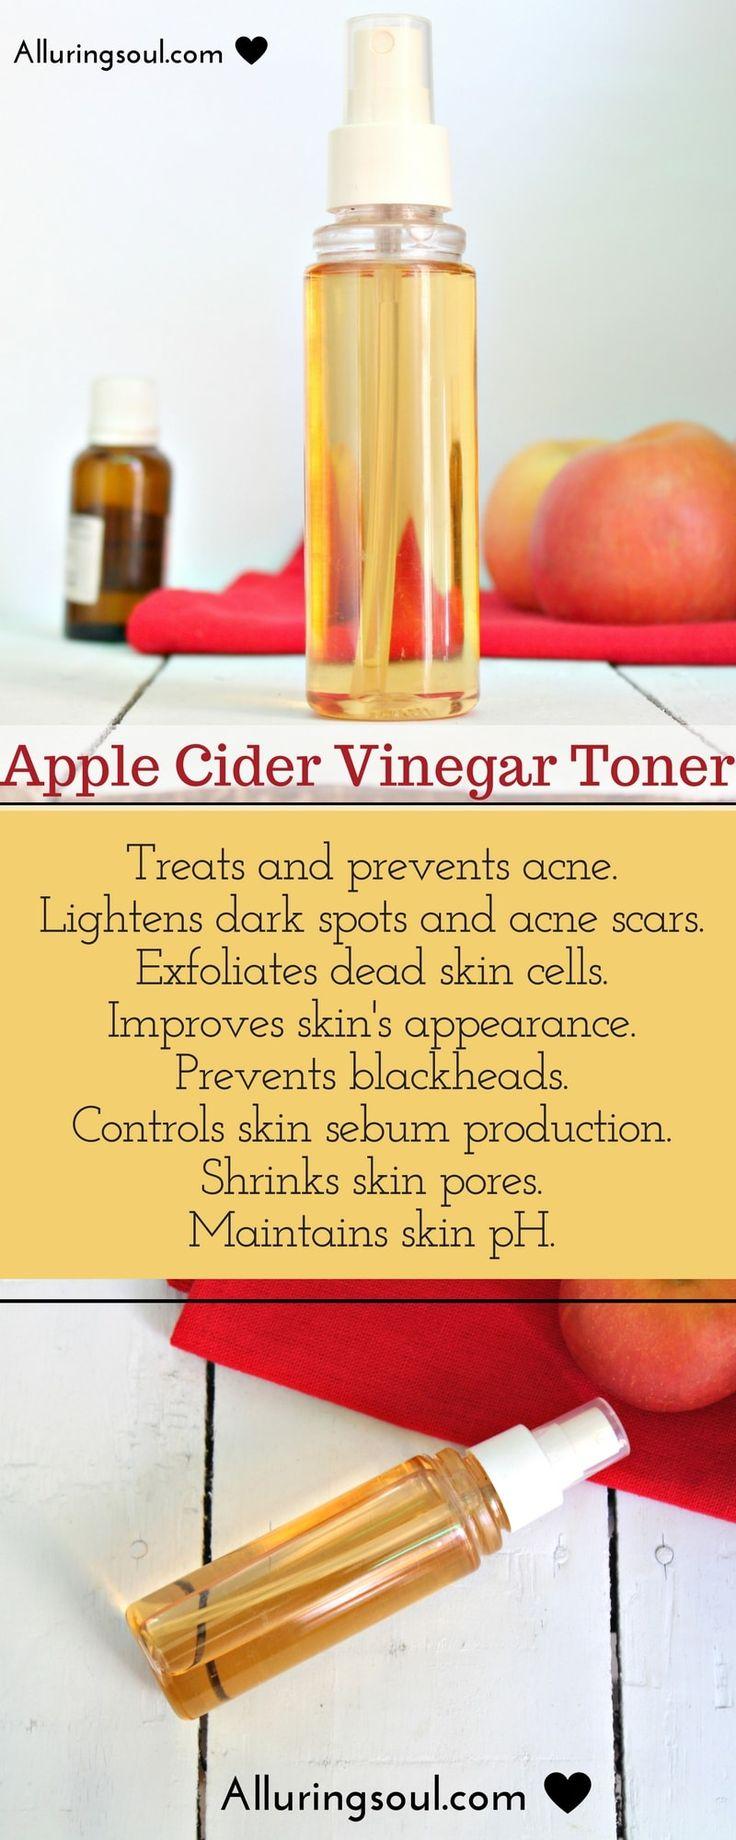 id e pour soin du vsage et acn toner de vinaigre de cidre de pomme est la solution pour tous. Black Bedroom Furniture Sets. Home Design Ideas